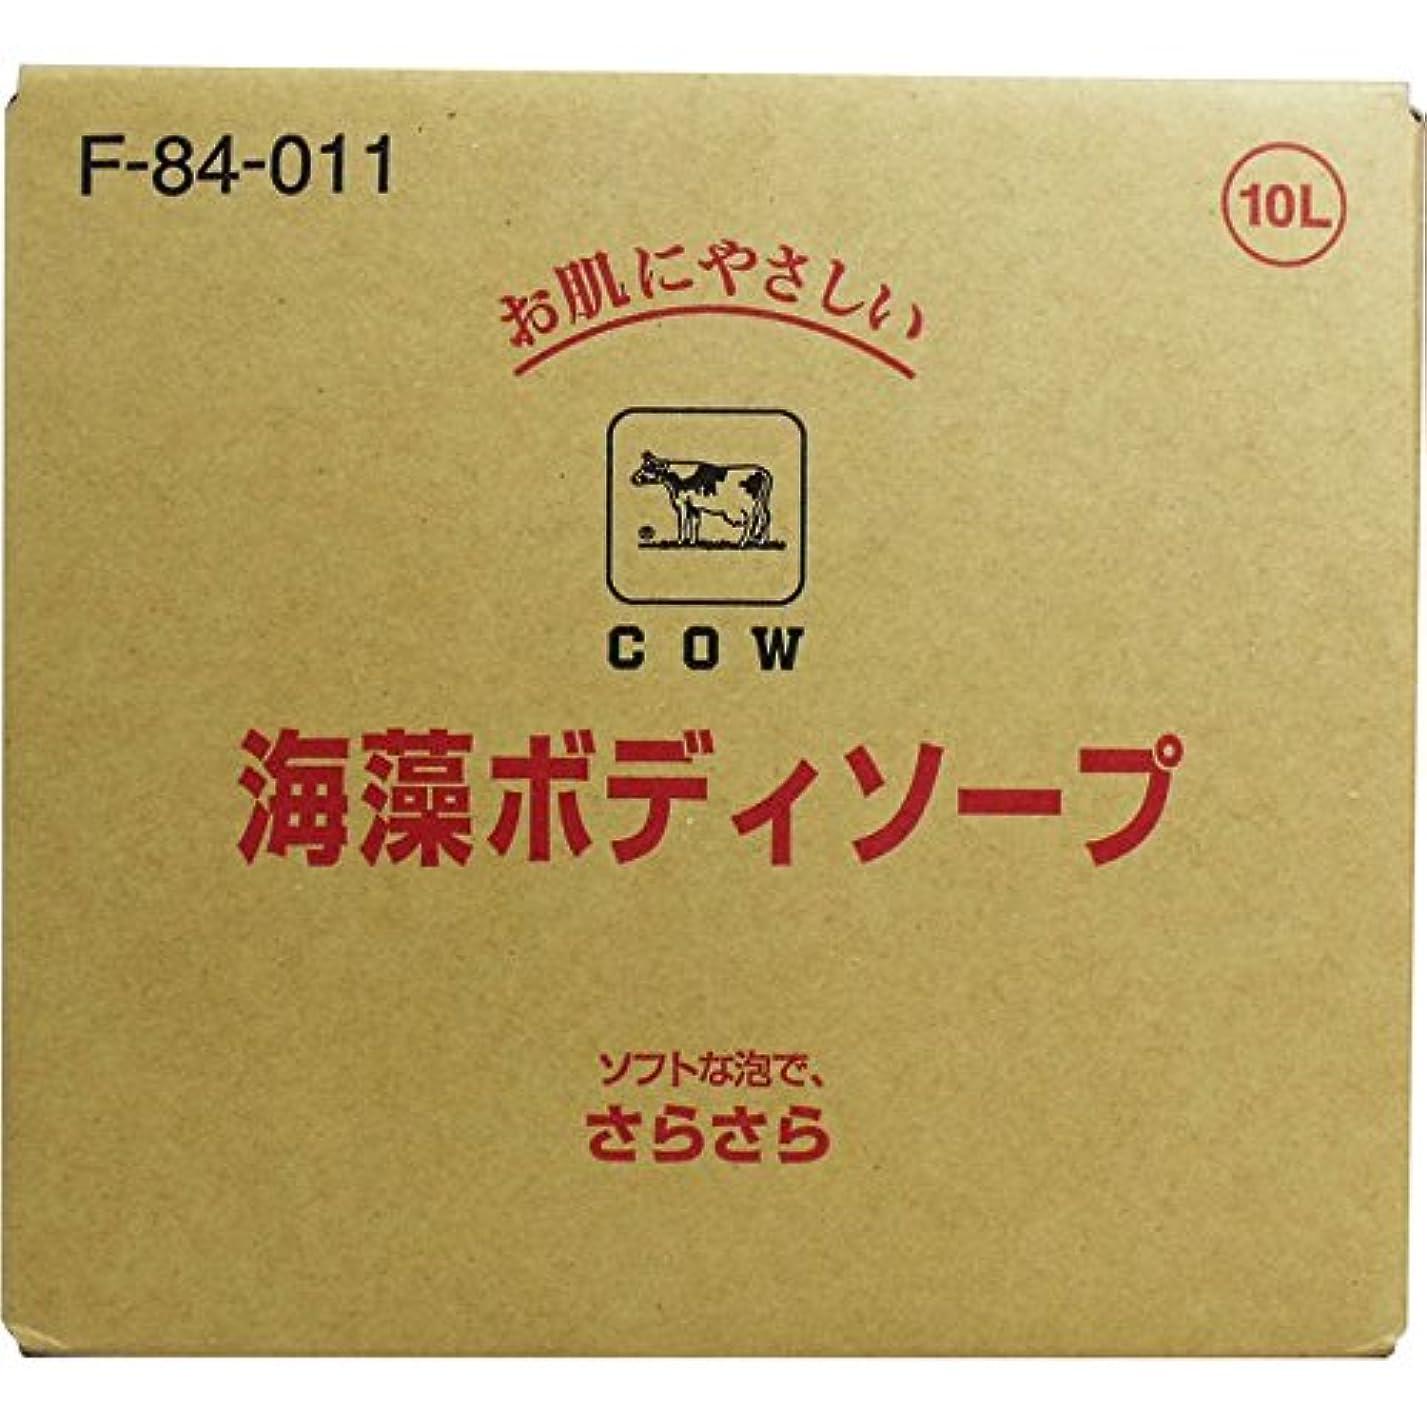 羊の服を着た狼ユーザー注入するボディ 石けん詰め替え さらさらした洗い心地 便利商品 牛乳ブランド 海藻ボディソープ 業務用 10L